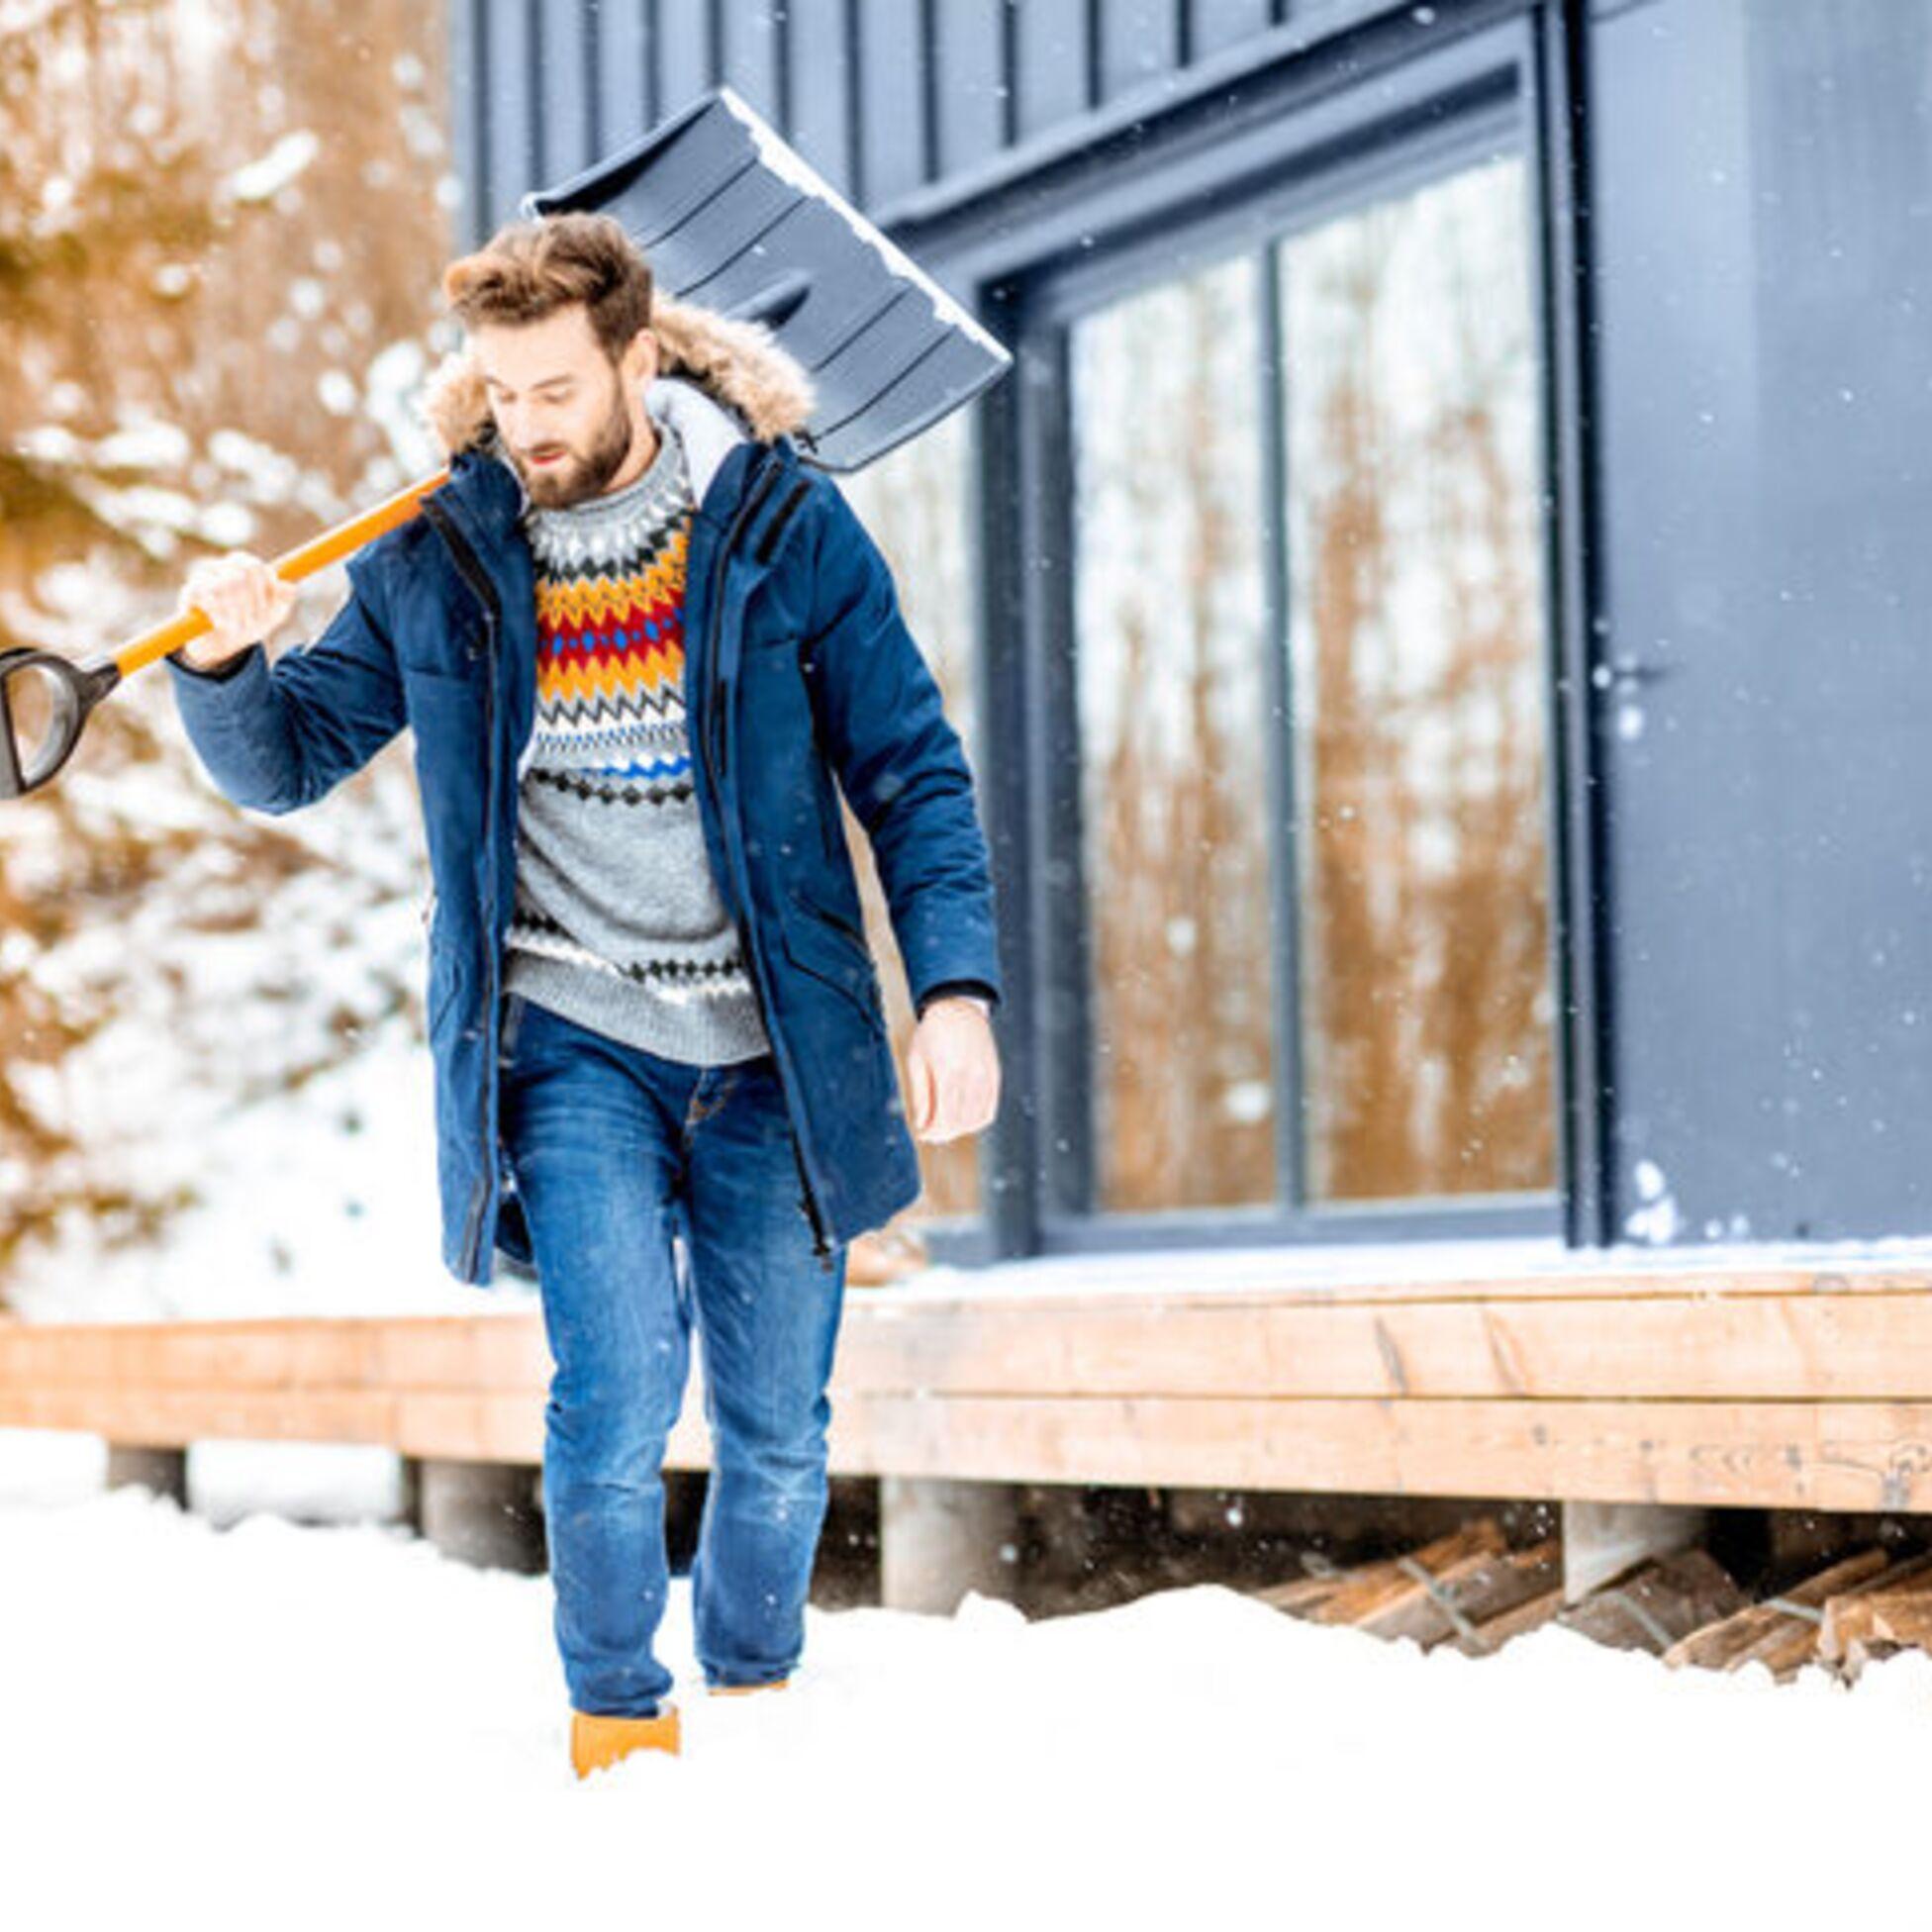 Mann mit Schneeschaufel geht durch den Schnee